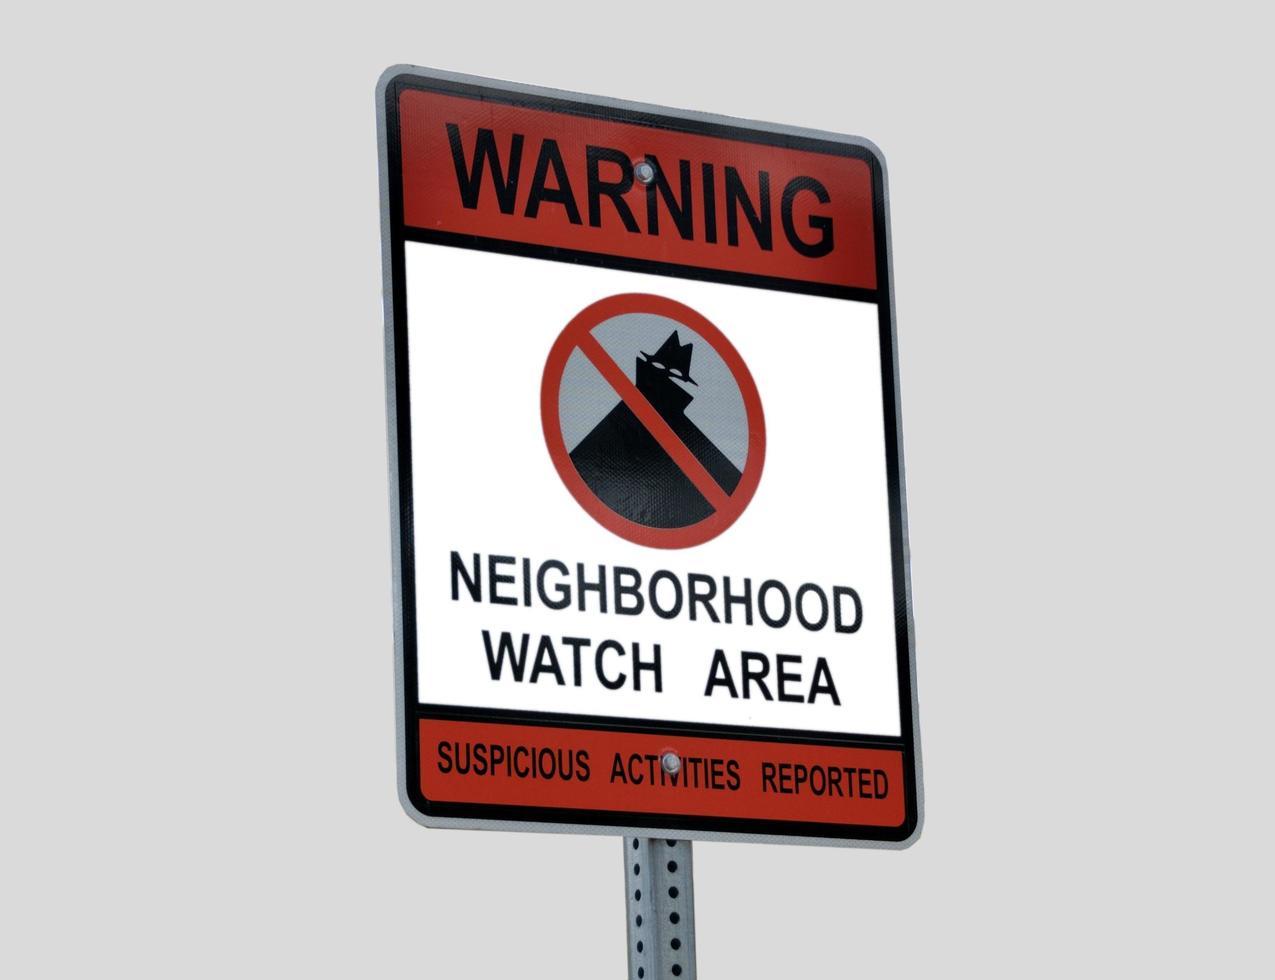 Neighborhood watch sign photo